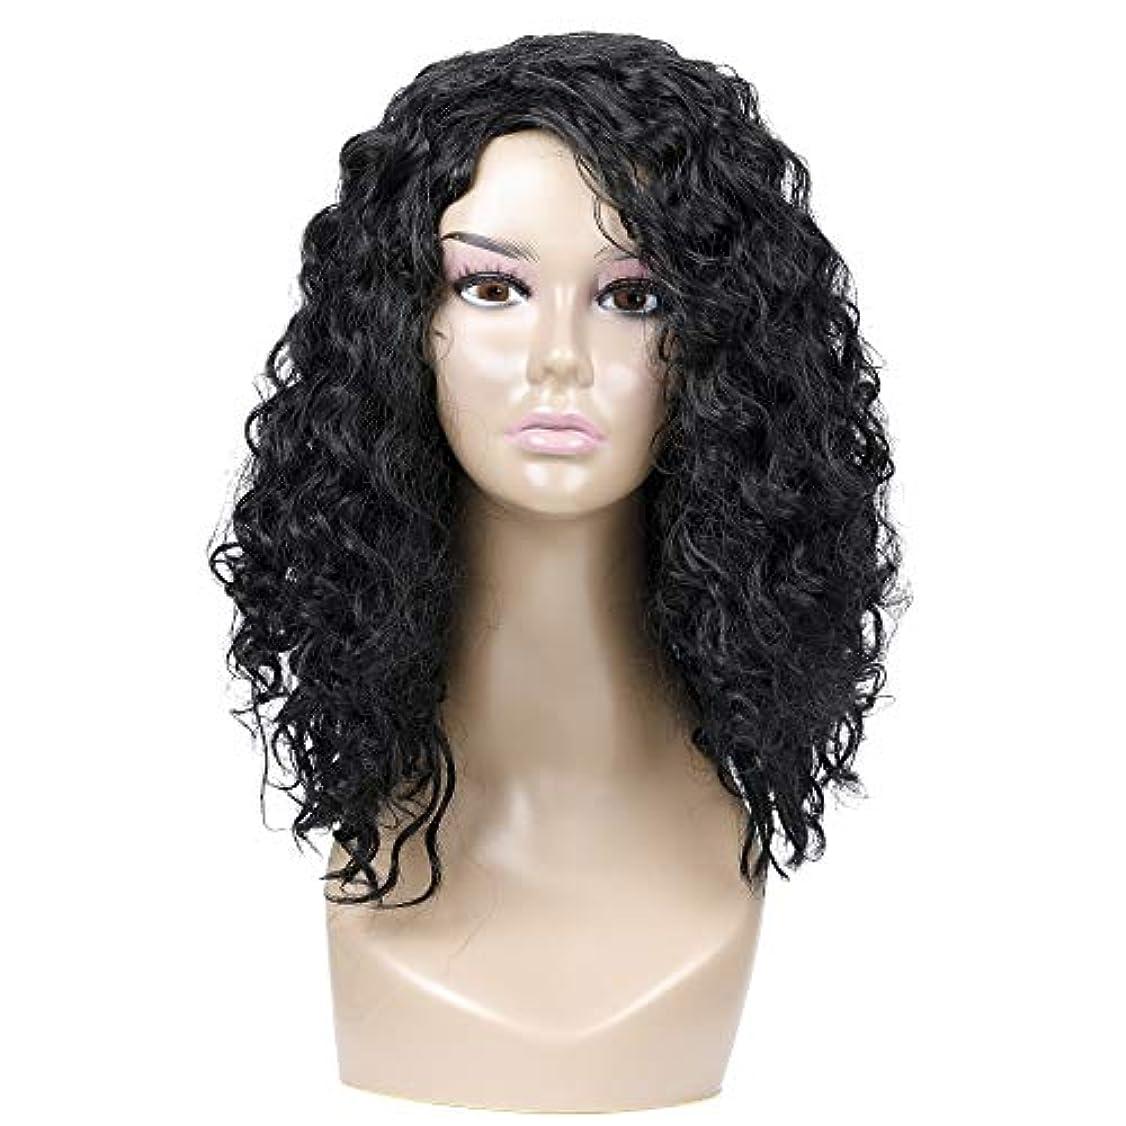 のホスト雑品今女性の黒の短い巻き毛のかつら、小さいカールのかつら、自然な人間の毛髪のかつら、耐熱性人工毛交換かつら、ハロウィーンコスプレパーティーコスチュームかつら